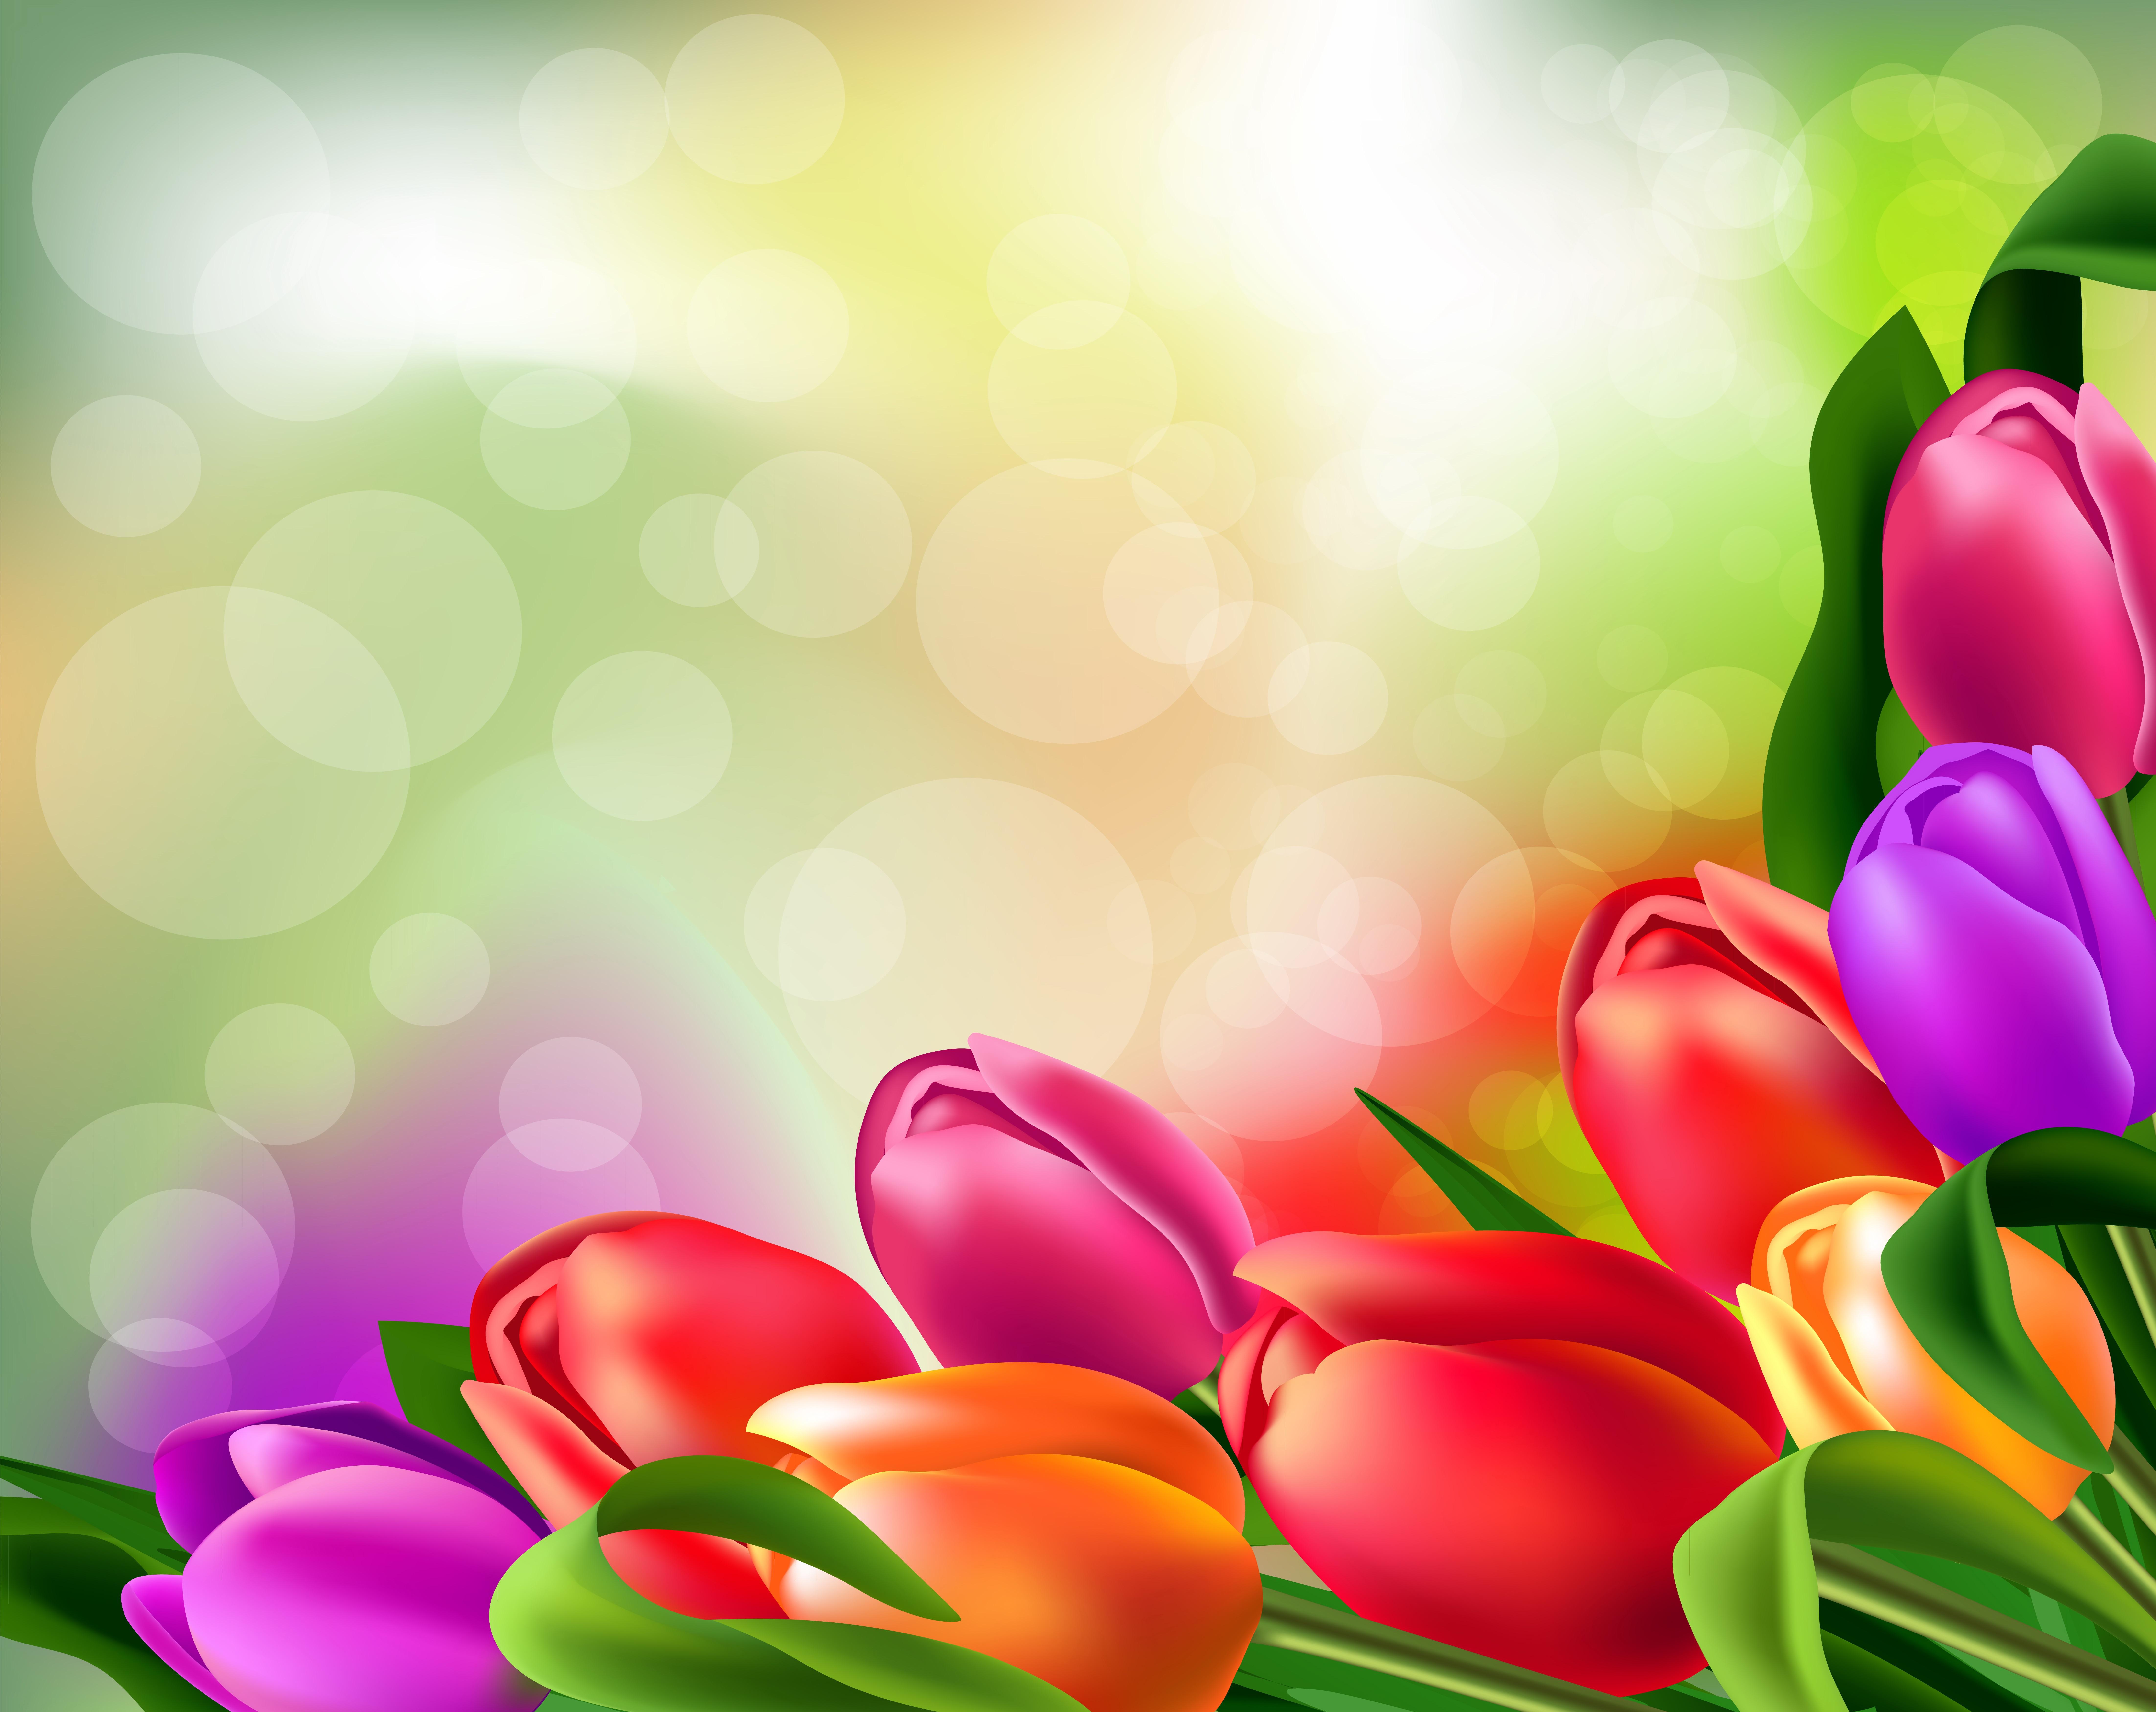 Всех времен, картинки фон тюльпаны